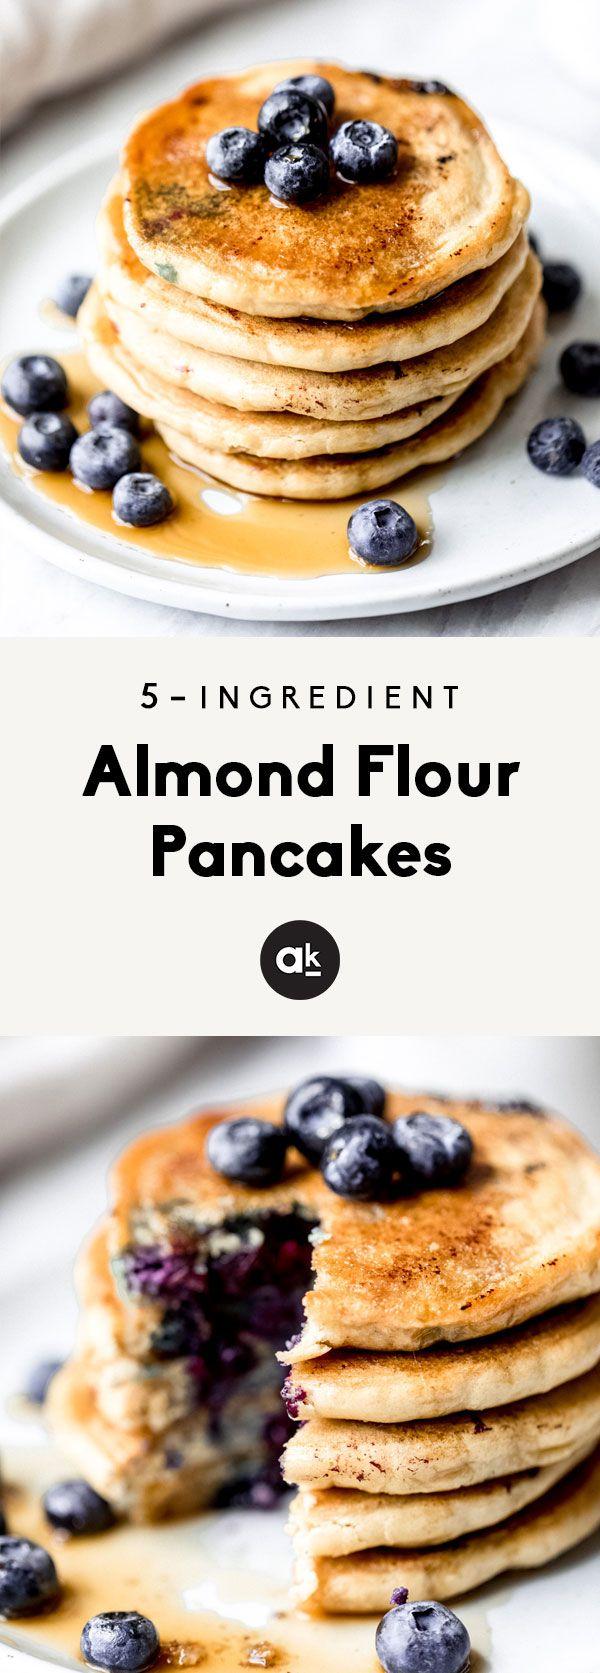 The Best Almond Flour Pancakes Ambitious Kitchen Recipe Almond Recipes Almond Flour Pancakes Low Carb Pancakes